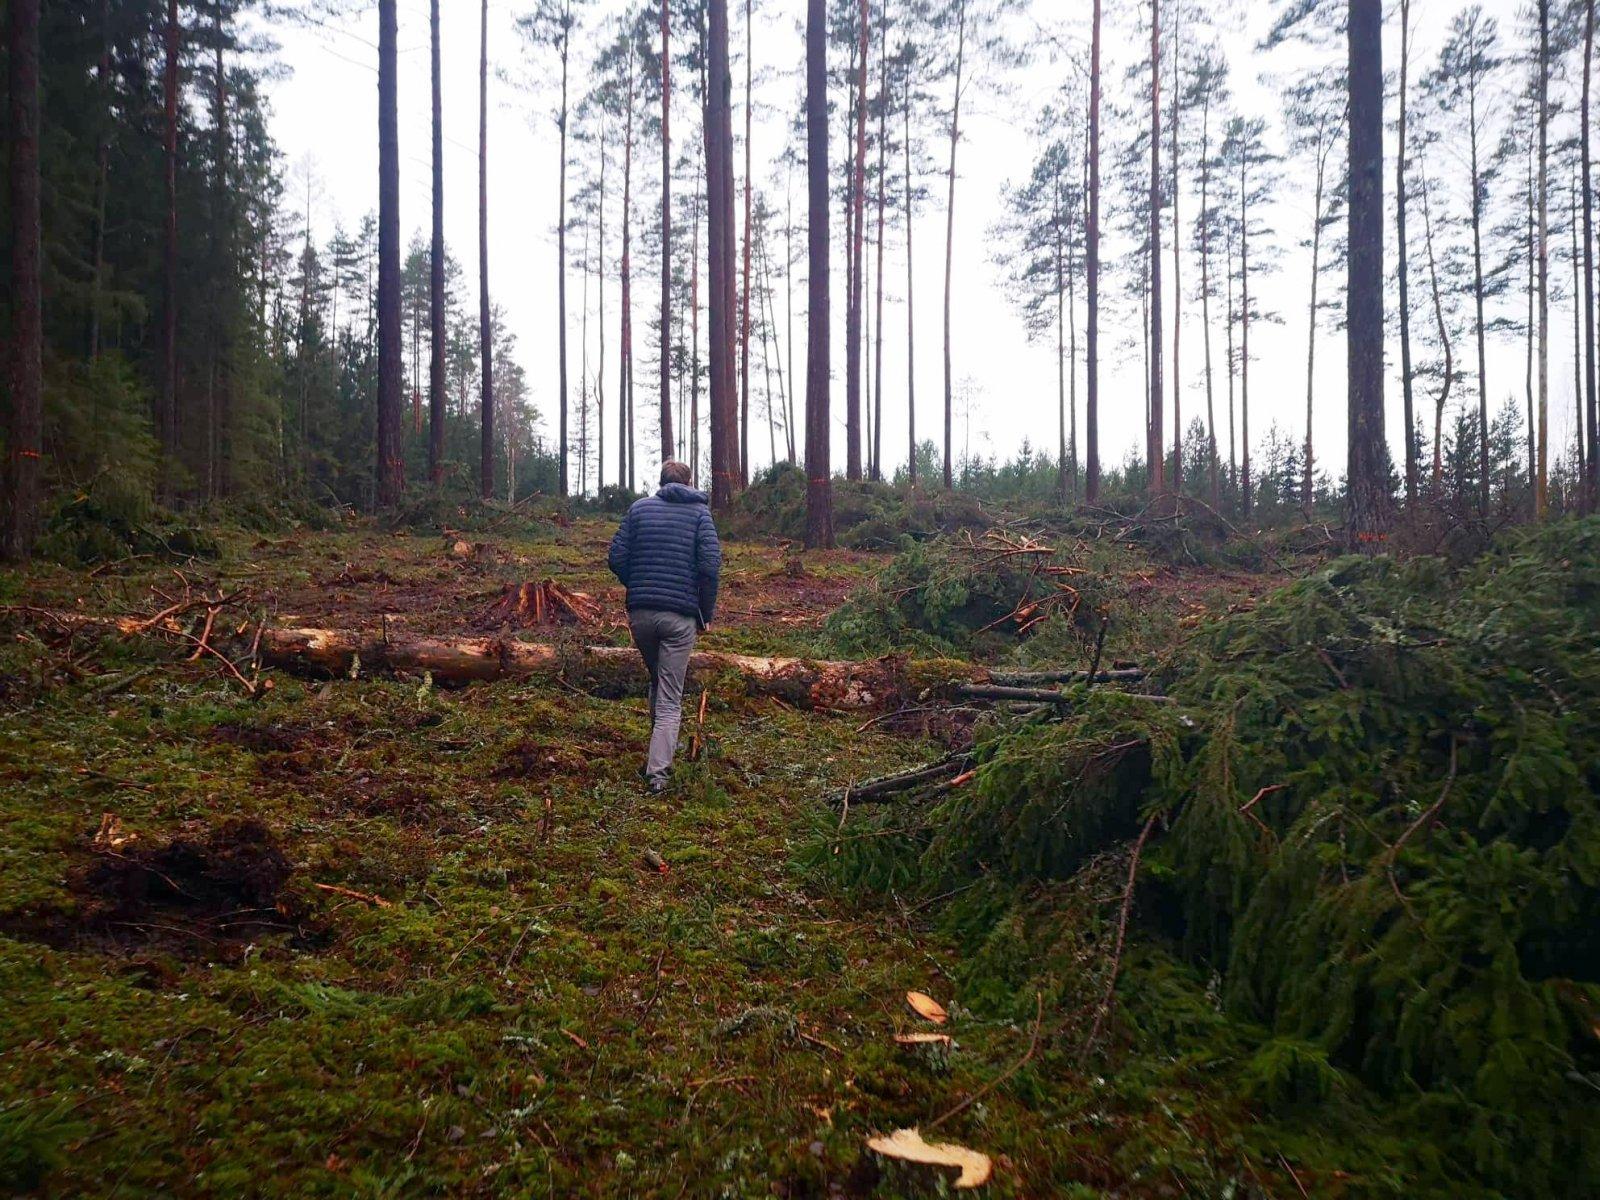 Iškirsti medžiai Labanoro girioje | M. Peldavičiūtės nuotr.